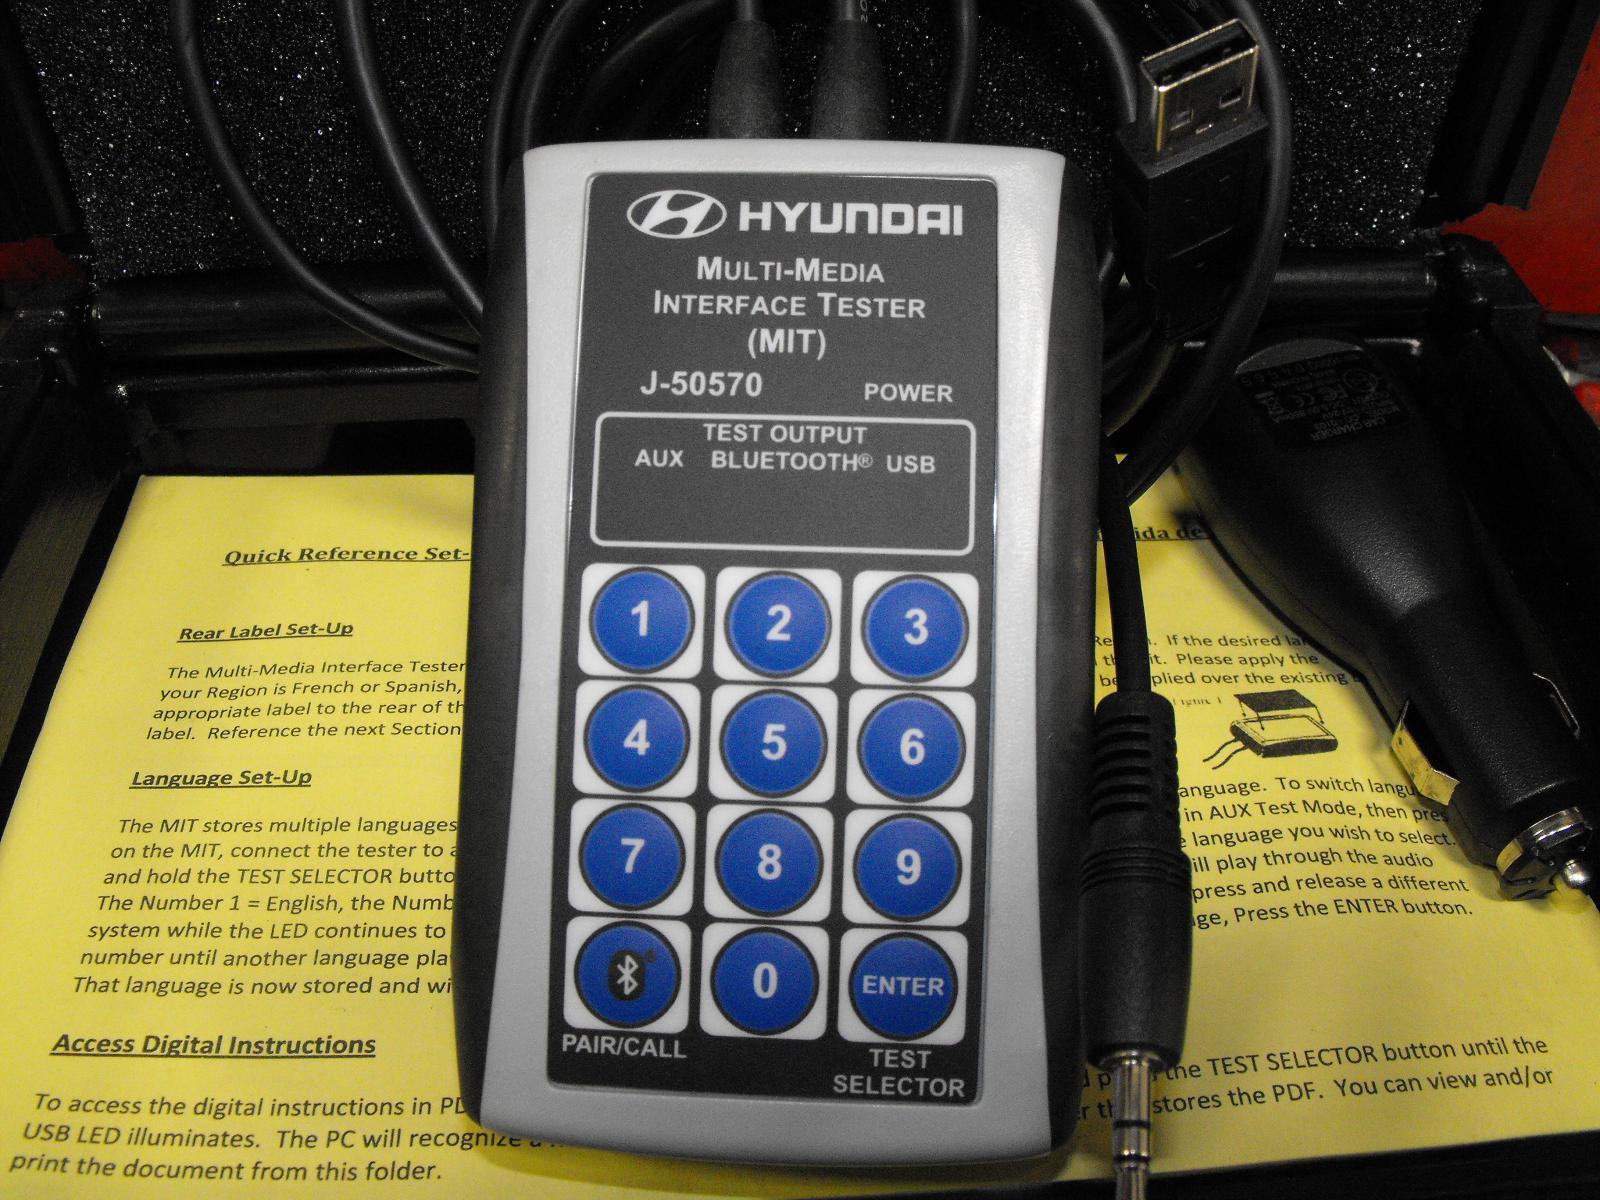 Hyundai Elantra Touring 2009 Aux/USB Not Recognized